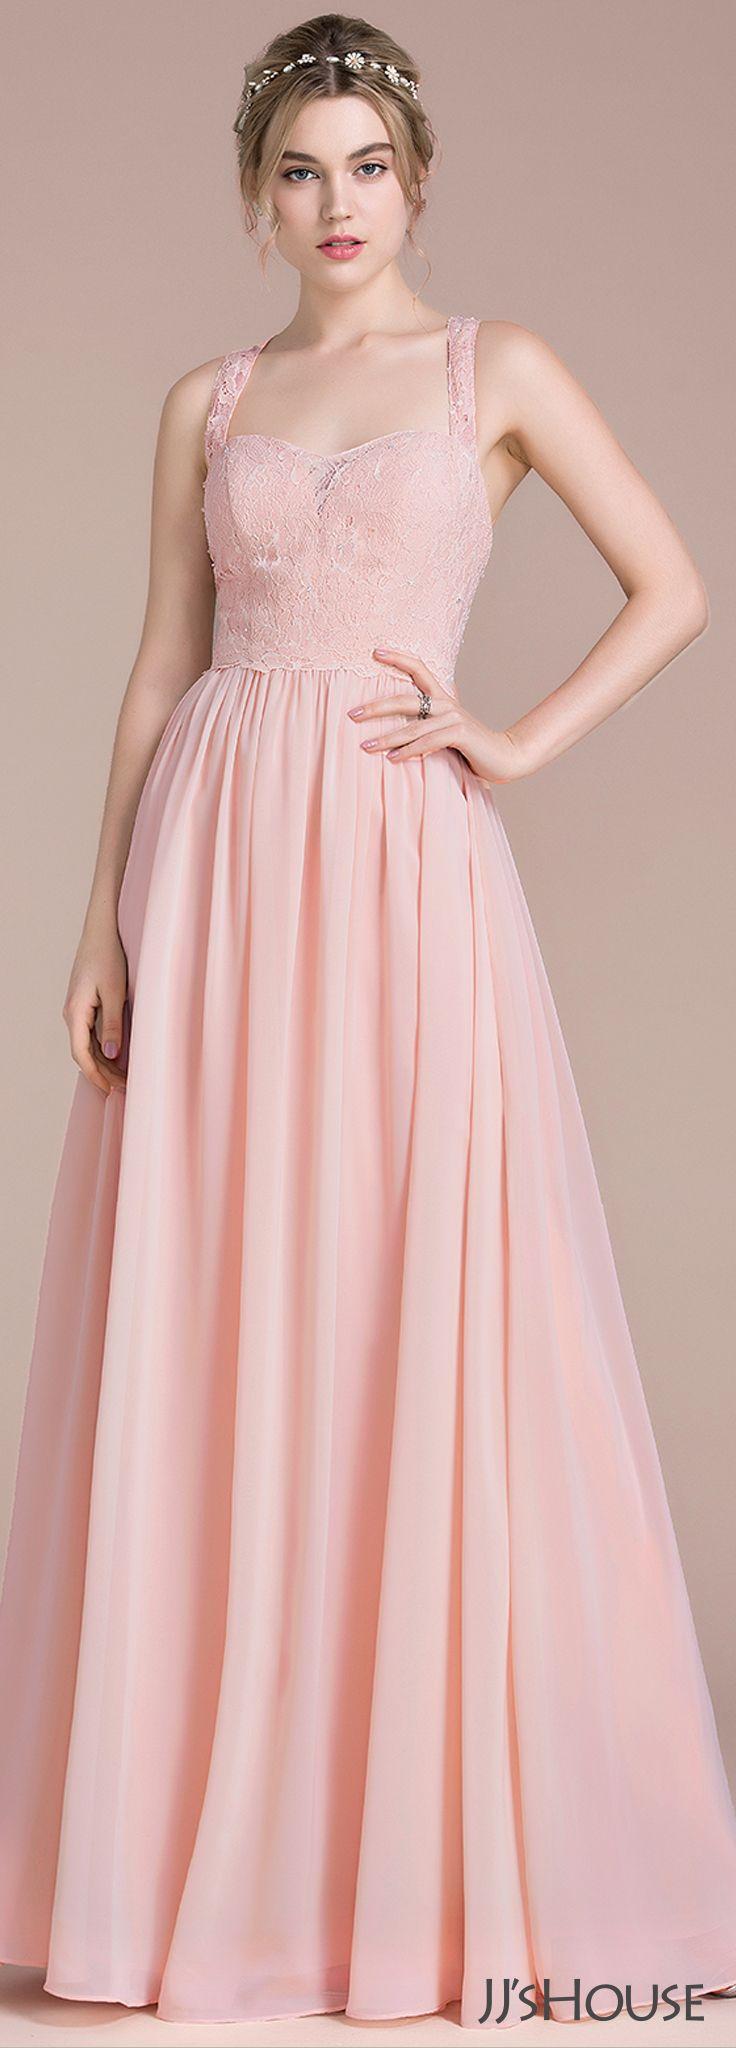 JJsHouse Graduation Dresses – fashion dresses